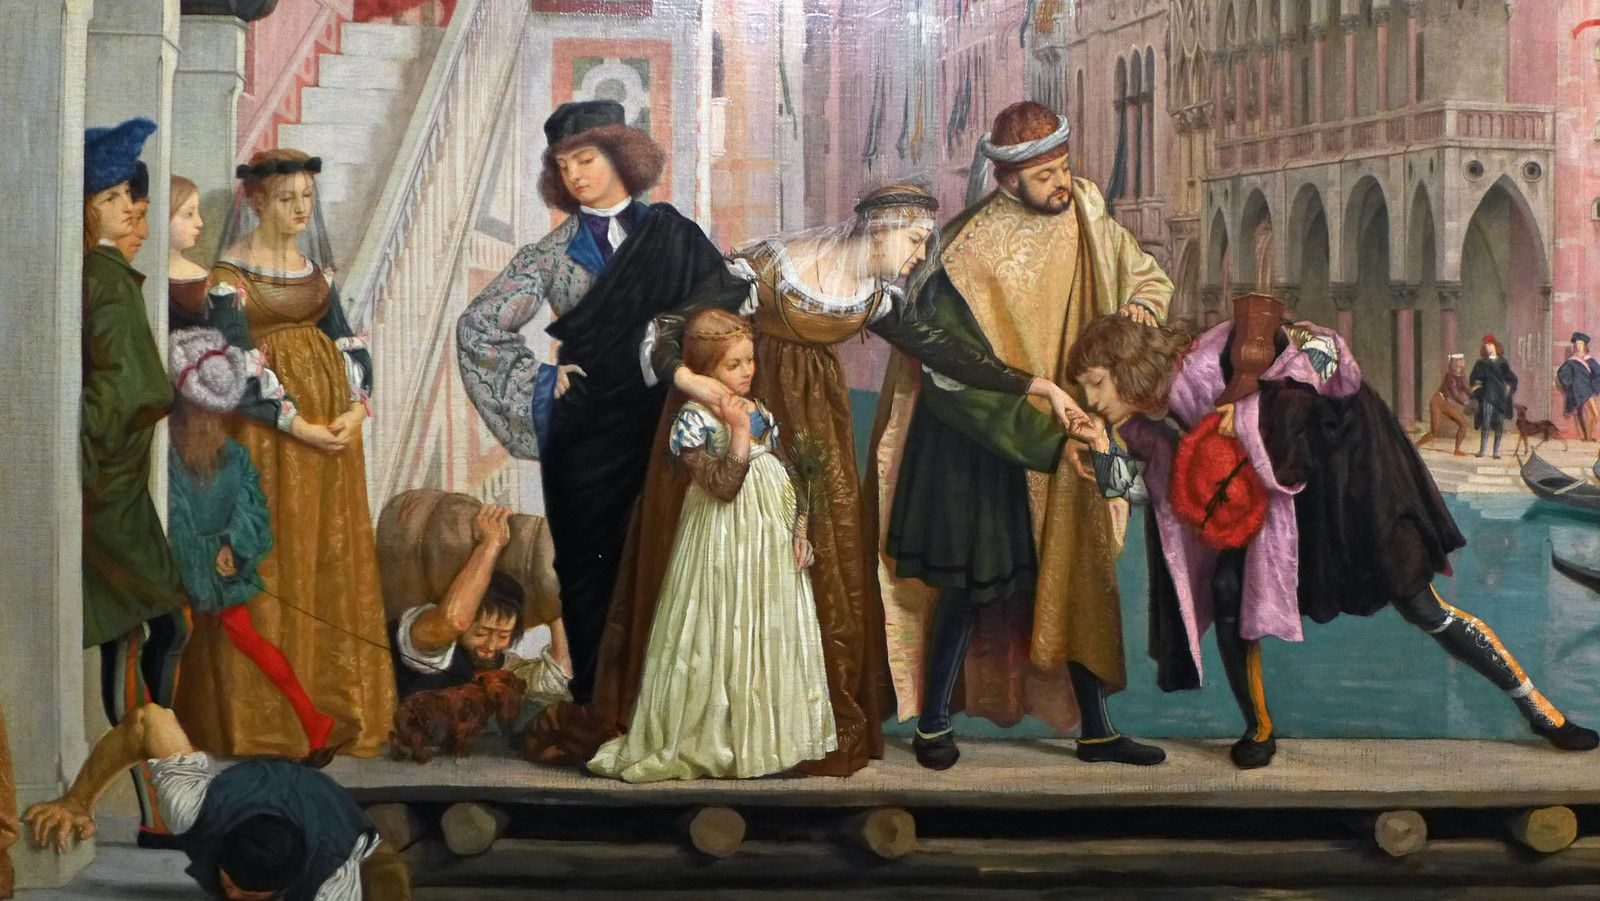 Départ de l'enfant prodigue (1863), Petit Palais, Paris.